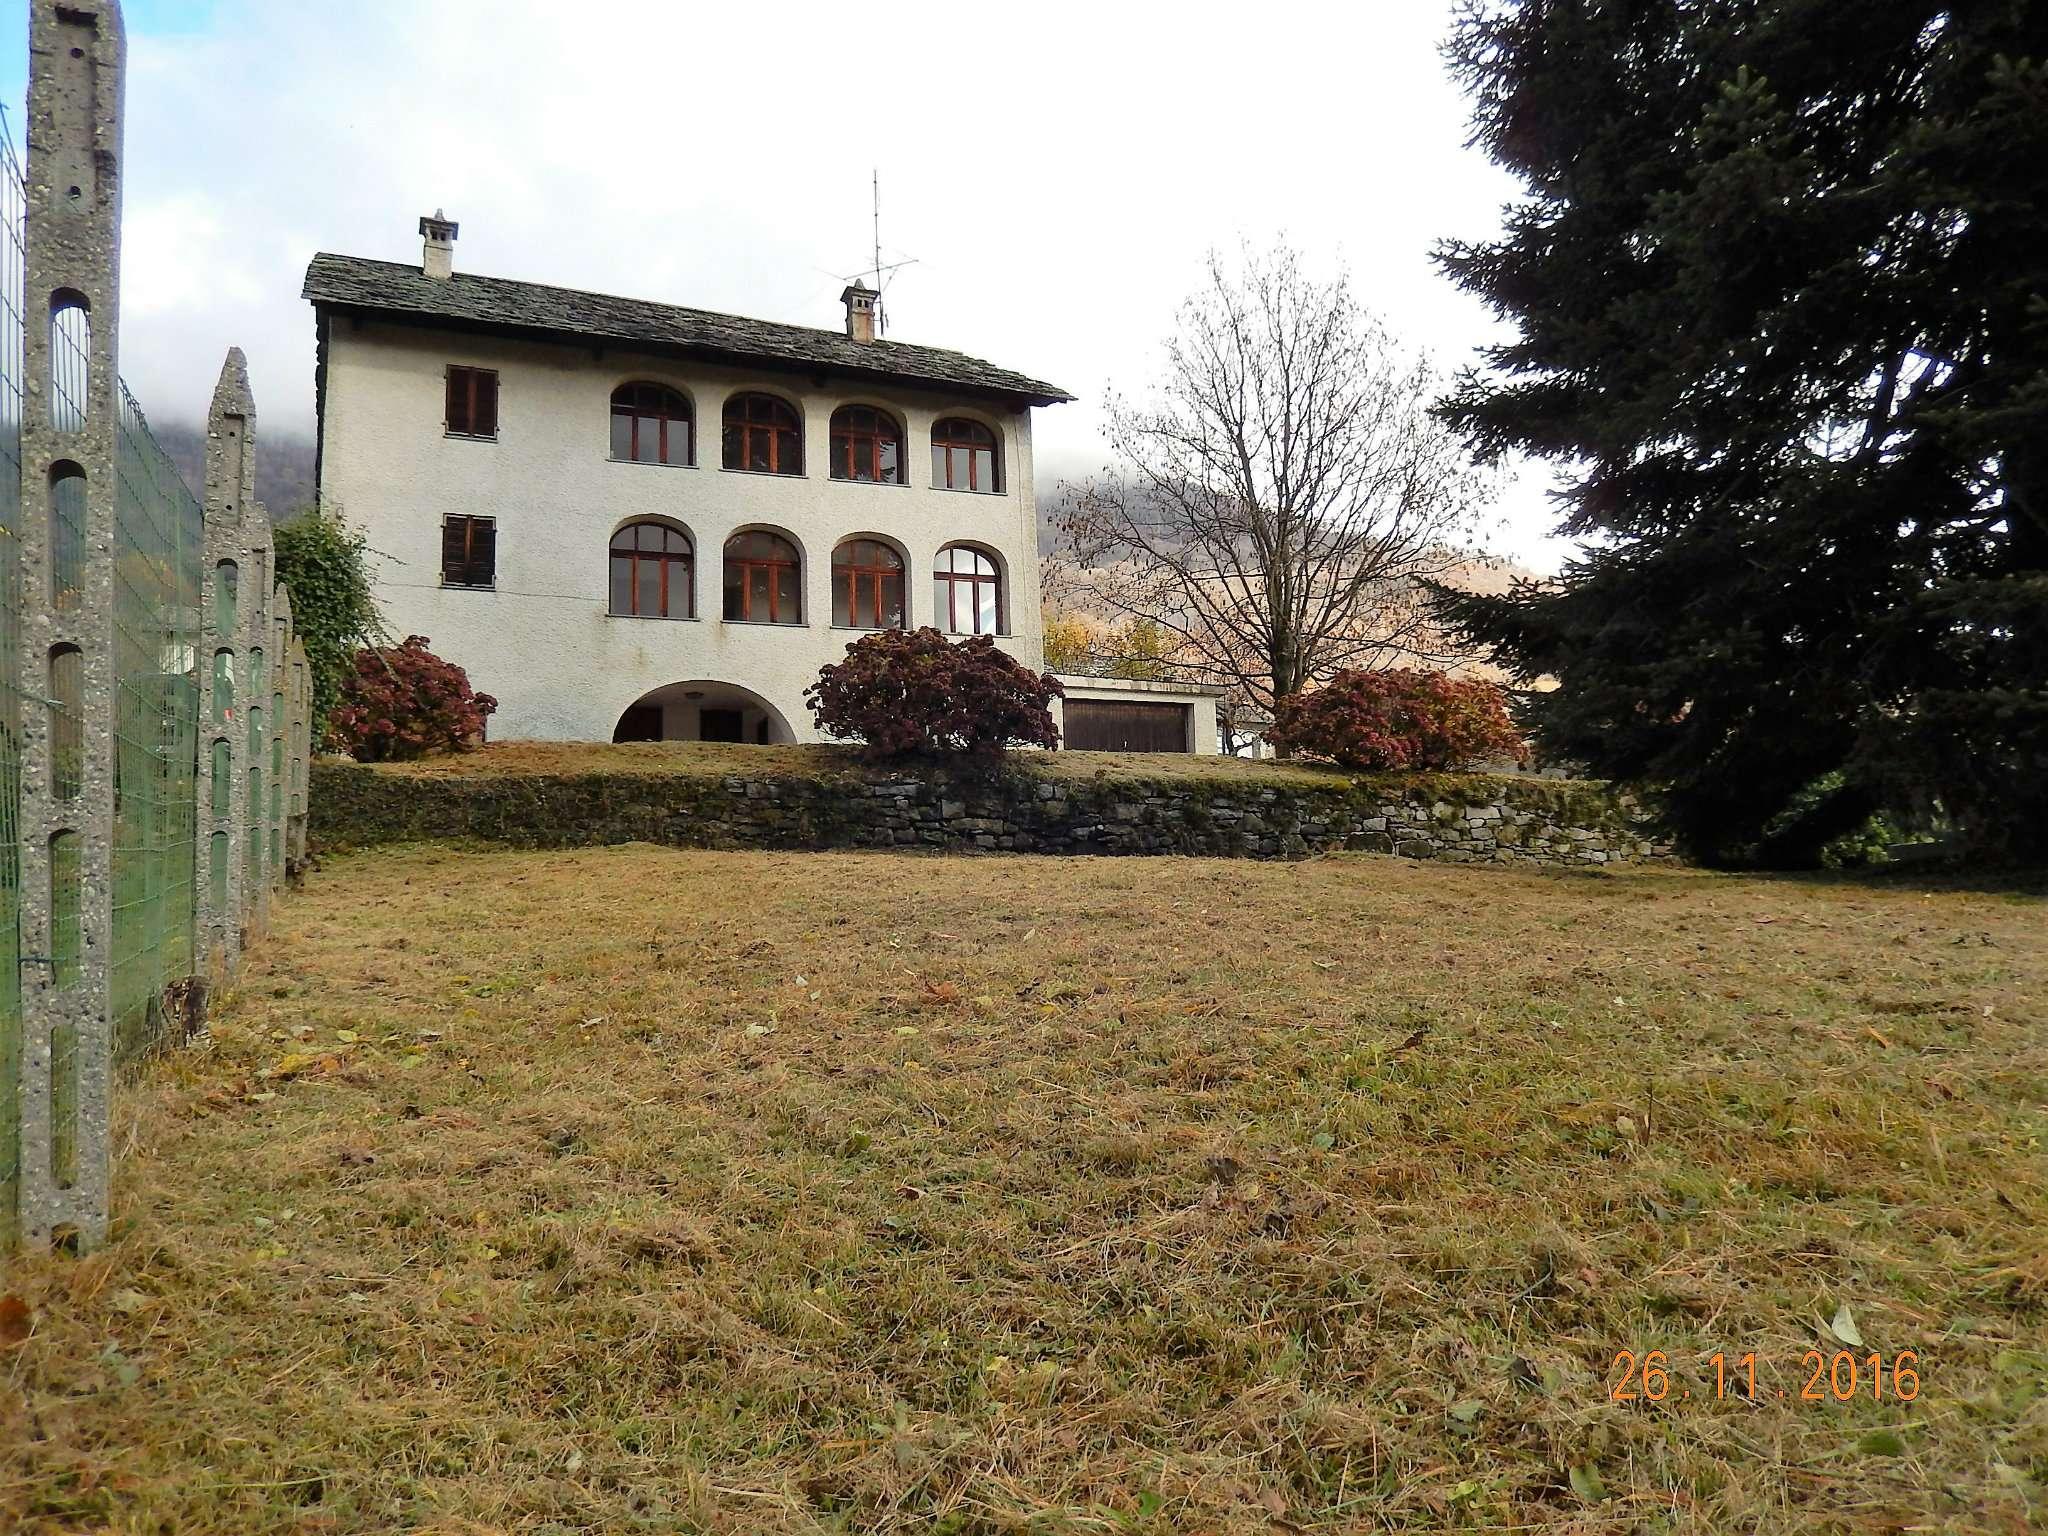 Soluzione Indipendente in vendita a Vico Canavese, 6 locali, prezzo € 95.000 | CambioCasa.it